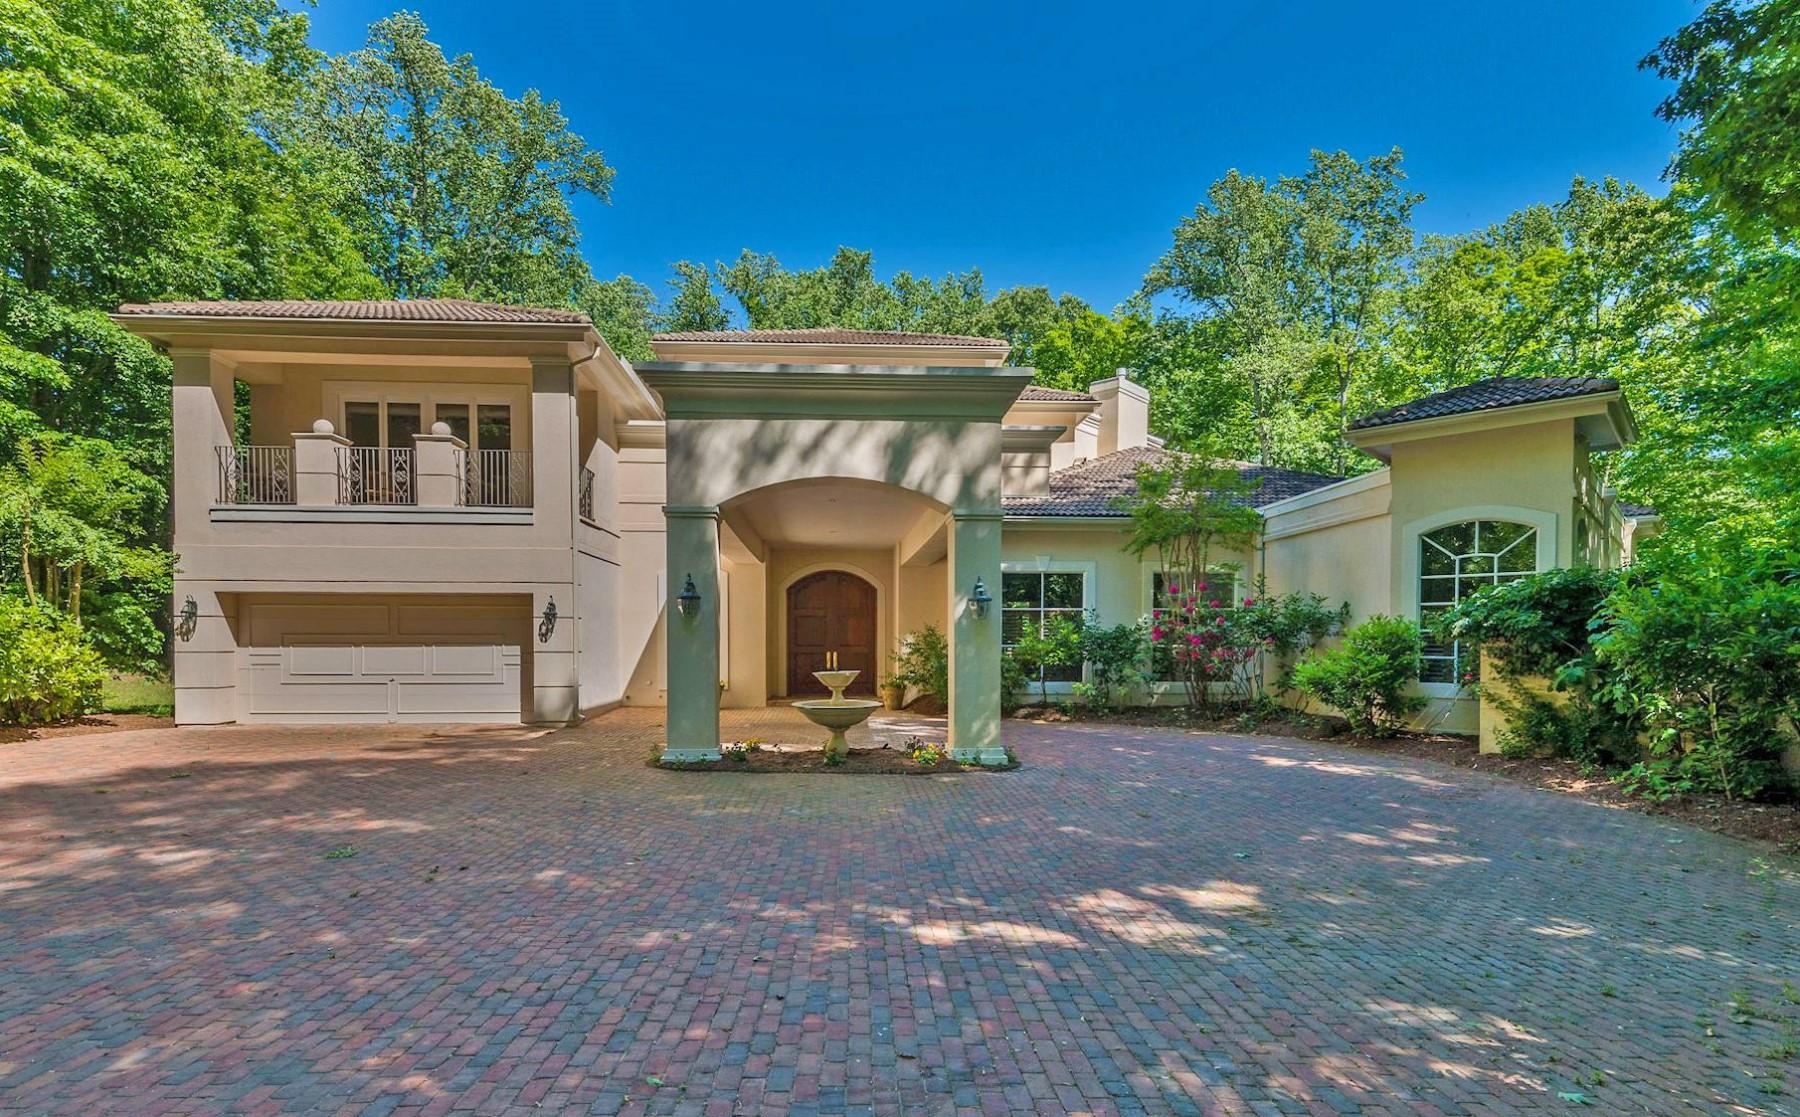 独户住宅 为 销售 在 1367 Morgans Ridge Lane, Crownsville 1367 Morgans Ridge Ln Crownsville, 马里兰州 21032 美国